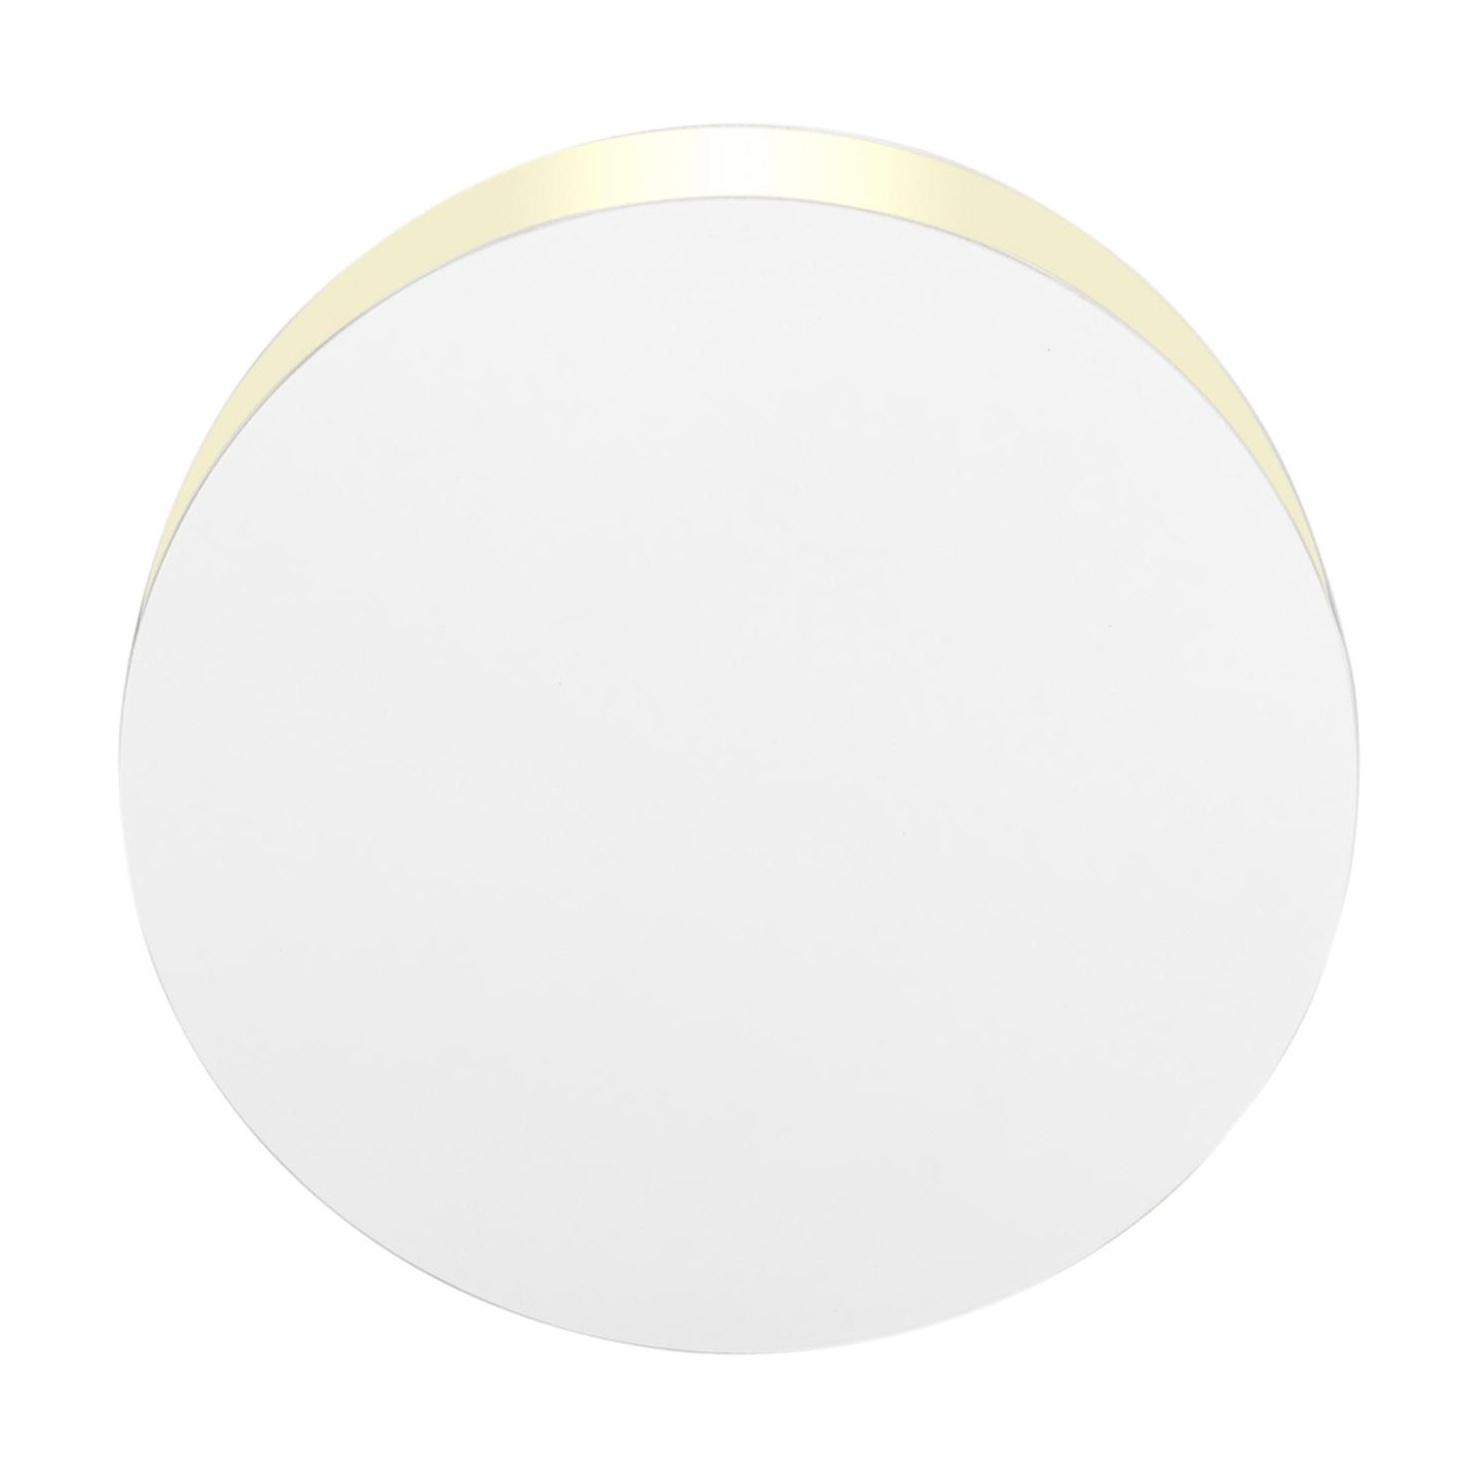 e15 - LT05 North - Applique murale LED - blanc/RAL 9003/Ø33cm